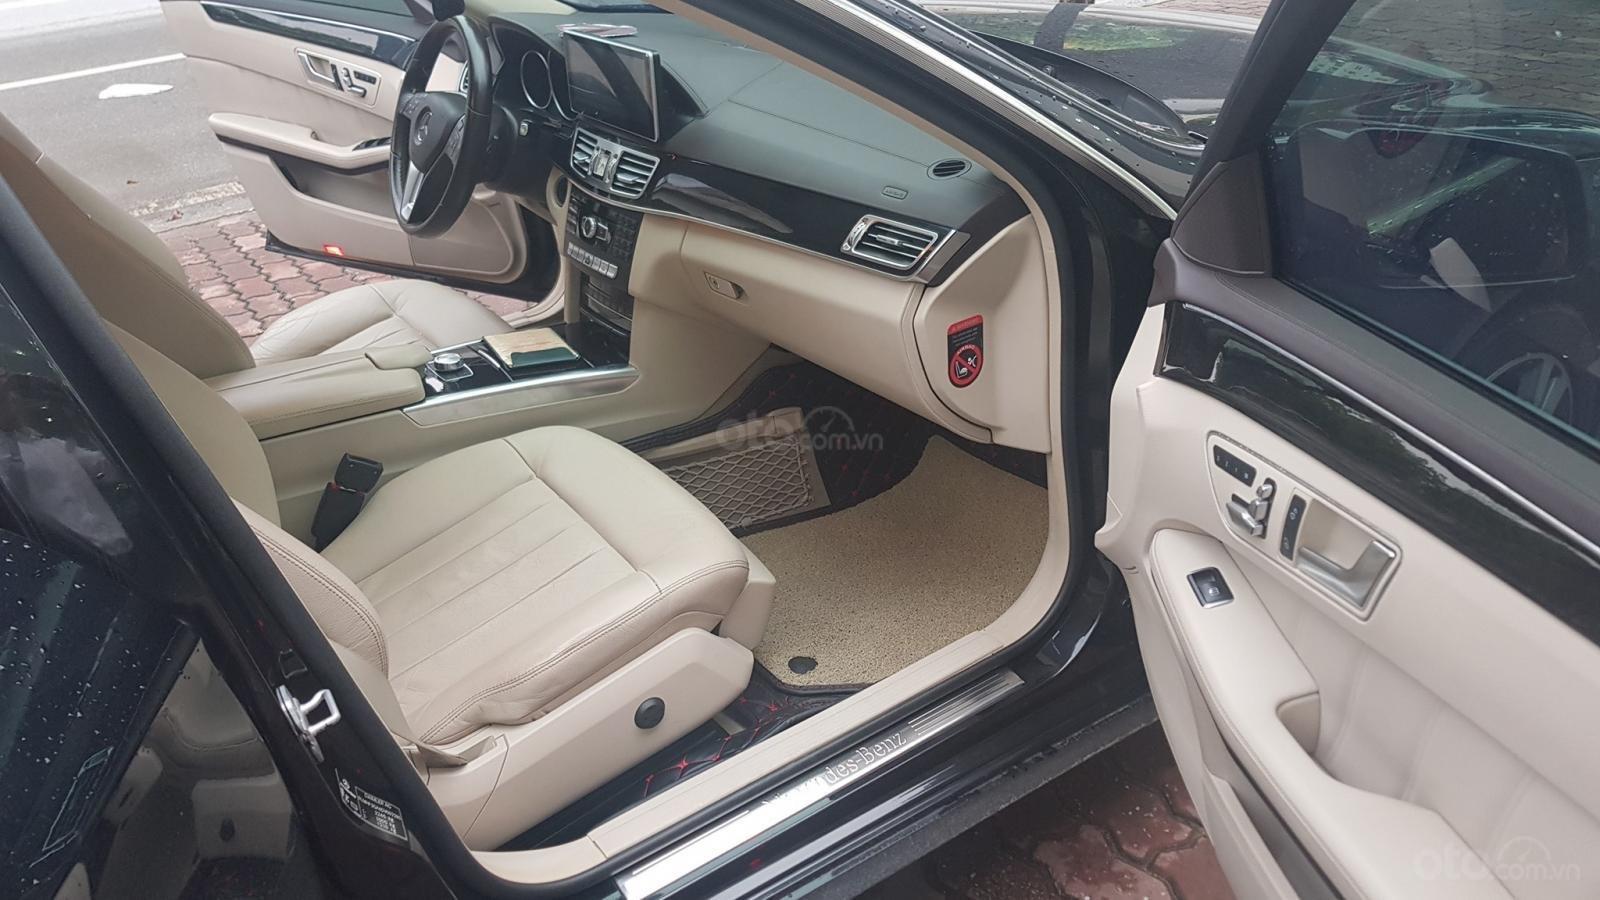 Cần bán xe Mercedes E250 CGI sản xuất 2013 đăng ký cá nhân (10)